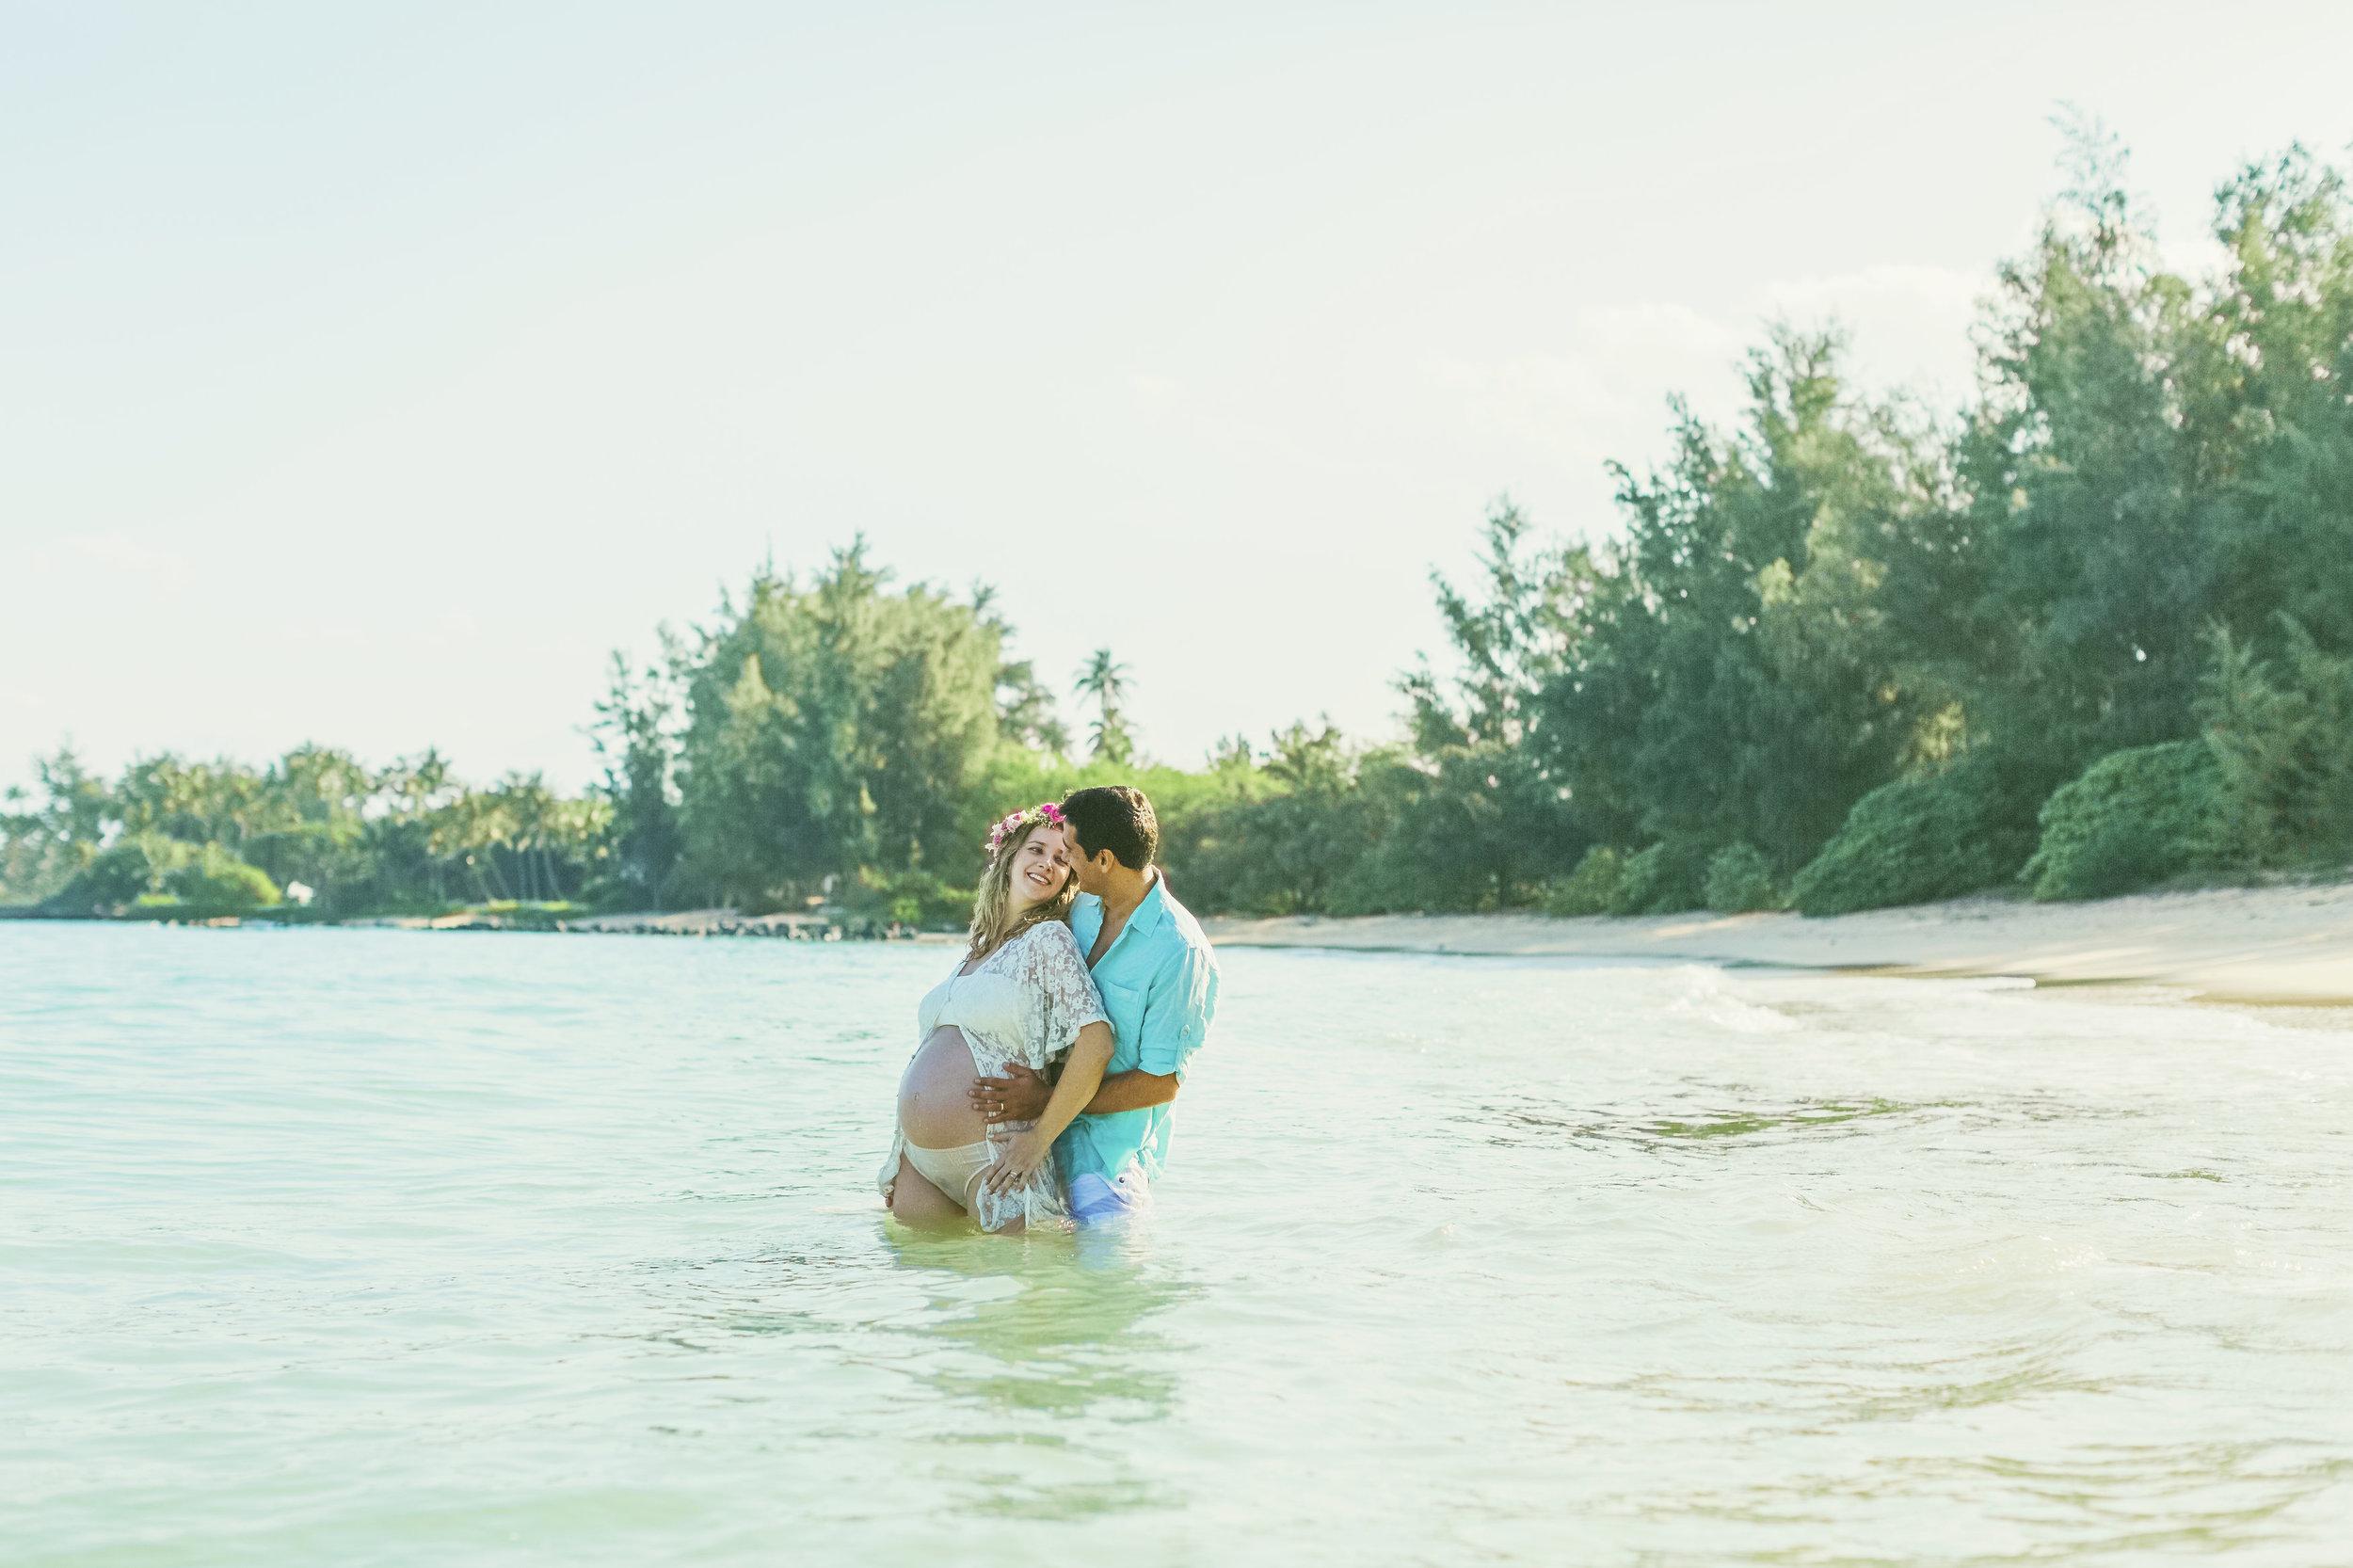 angie-diaz-photography-maui-family-maternity-kanaha-beach-19.jpg